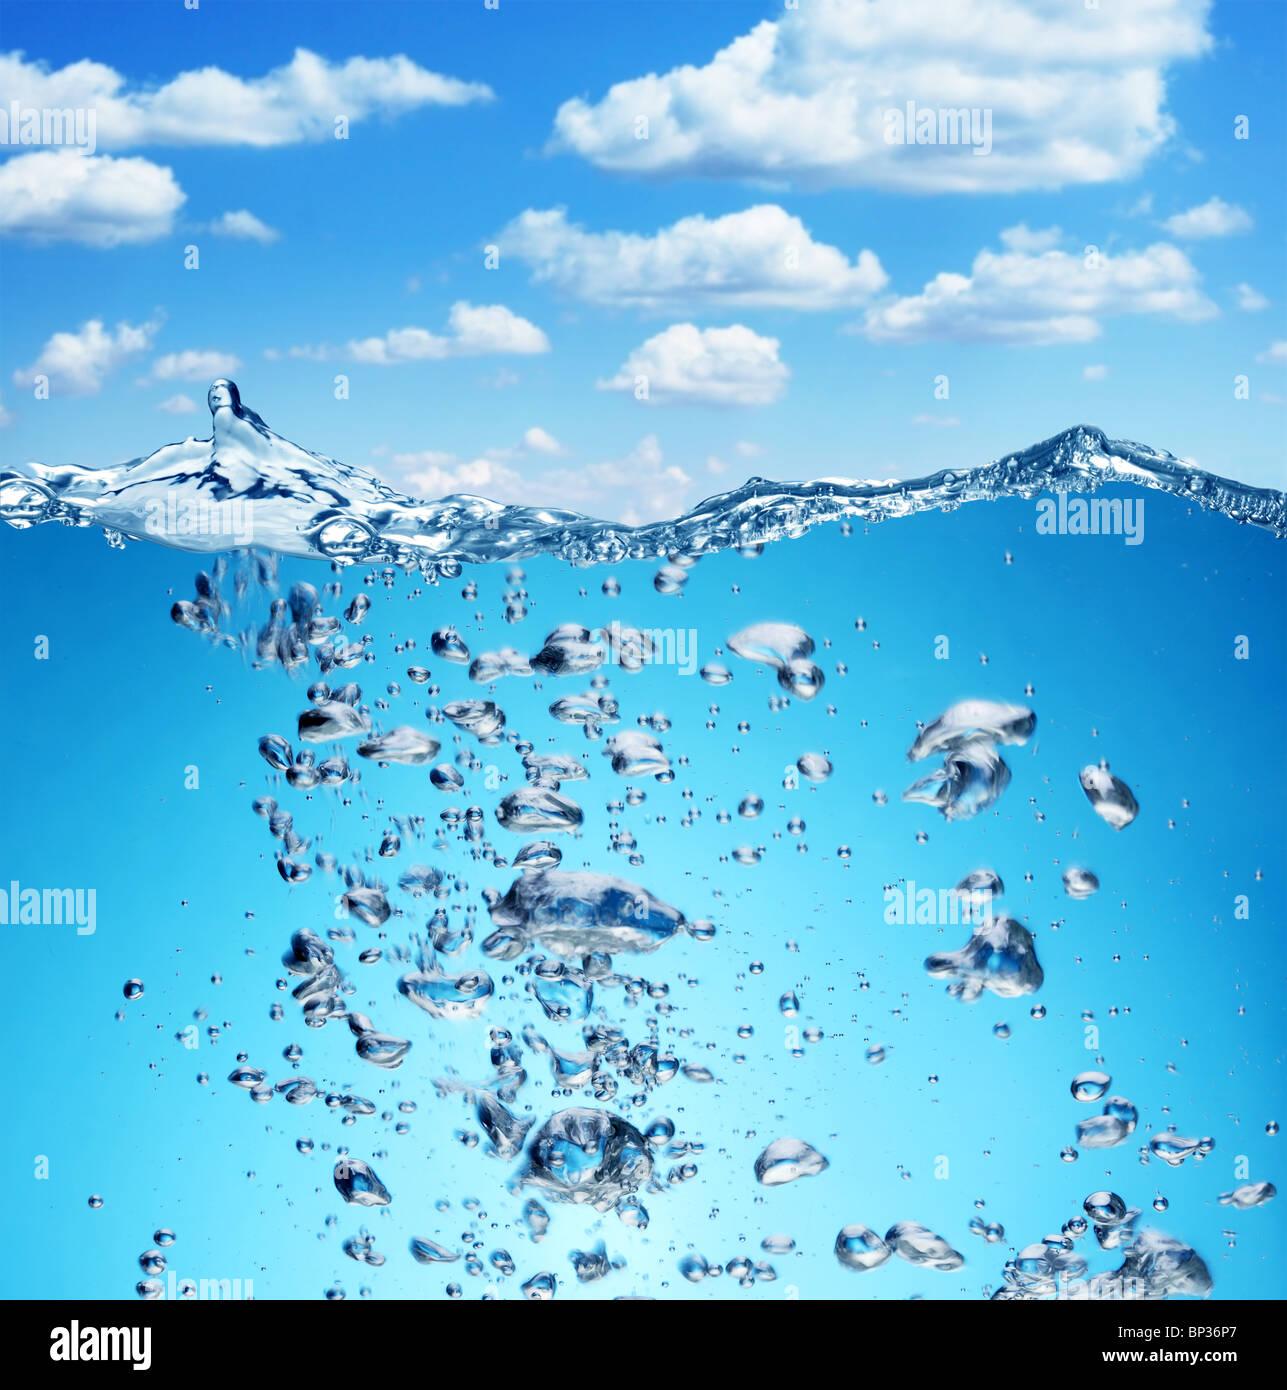 Le bolle di aria si elevano dal fondo dell'oceano alla superficie. Immagini Stock